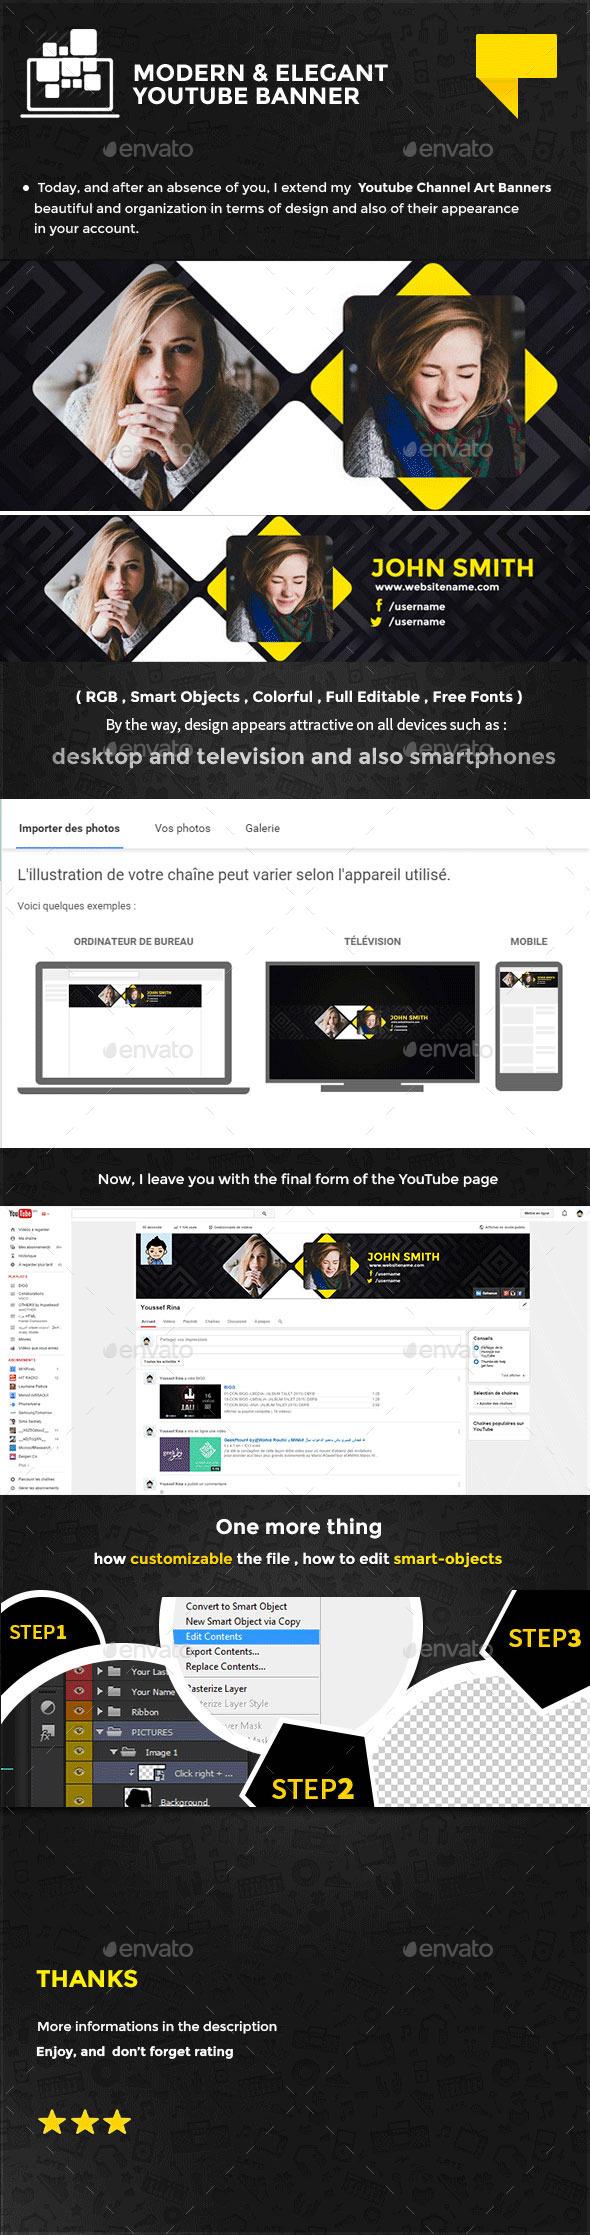 Clean Elegant Youtube Banner - YouTube Social Media